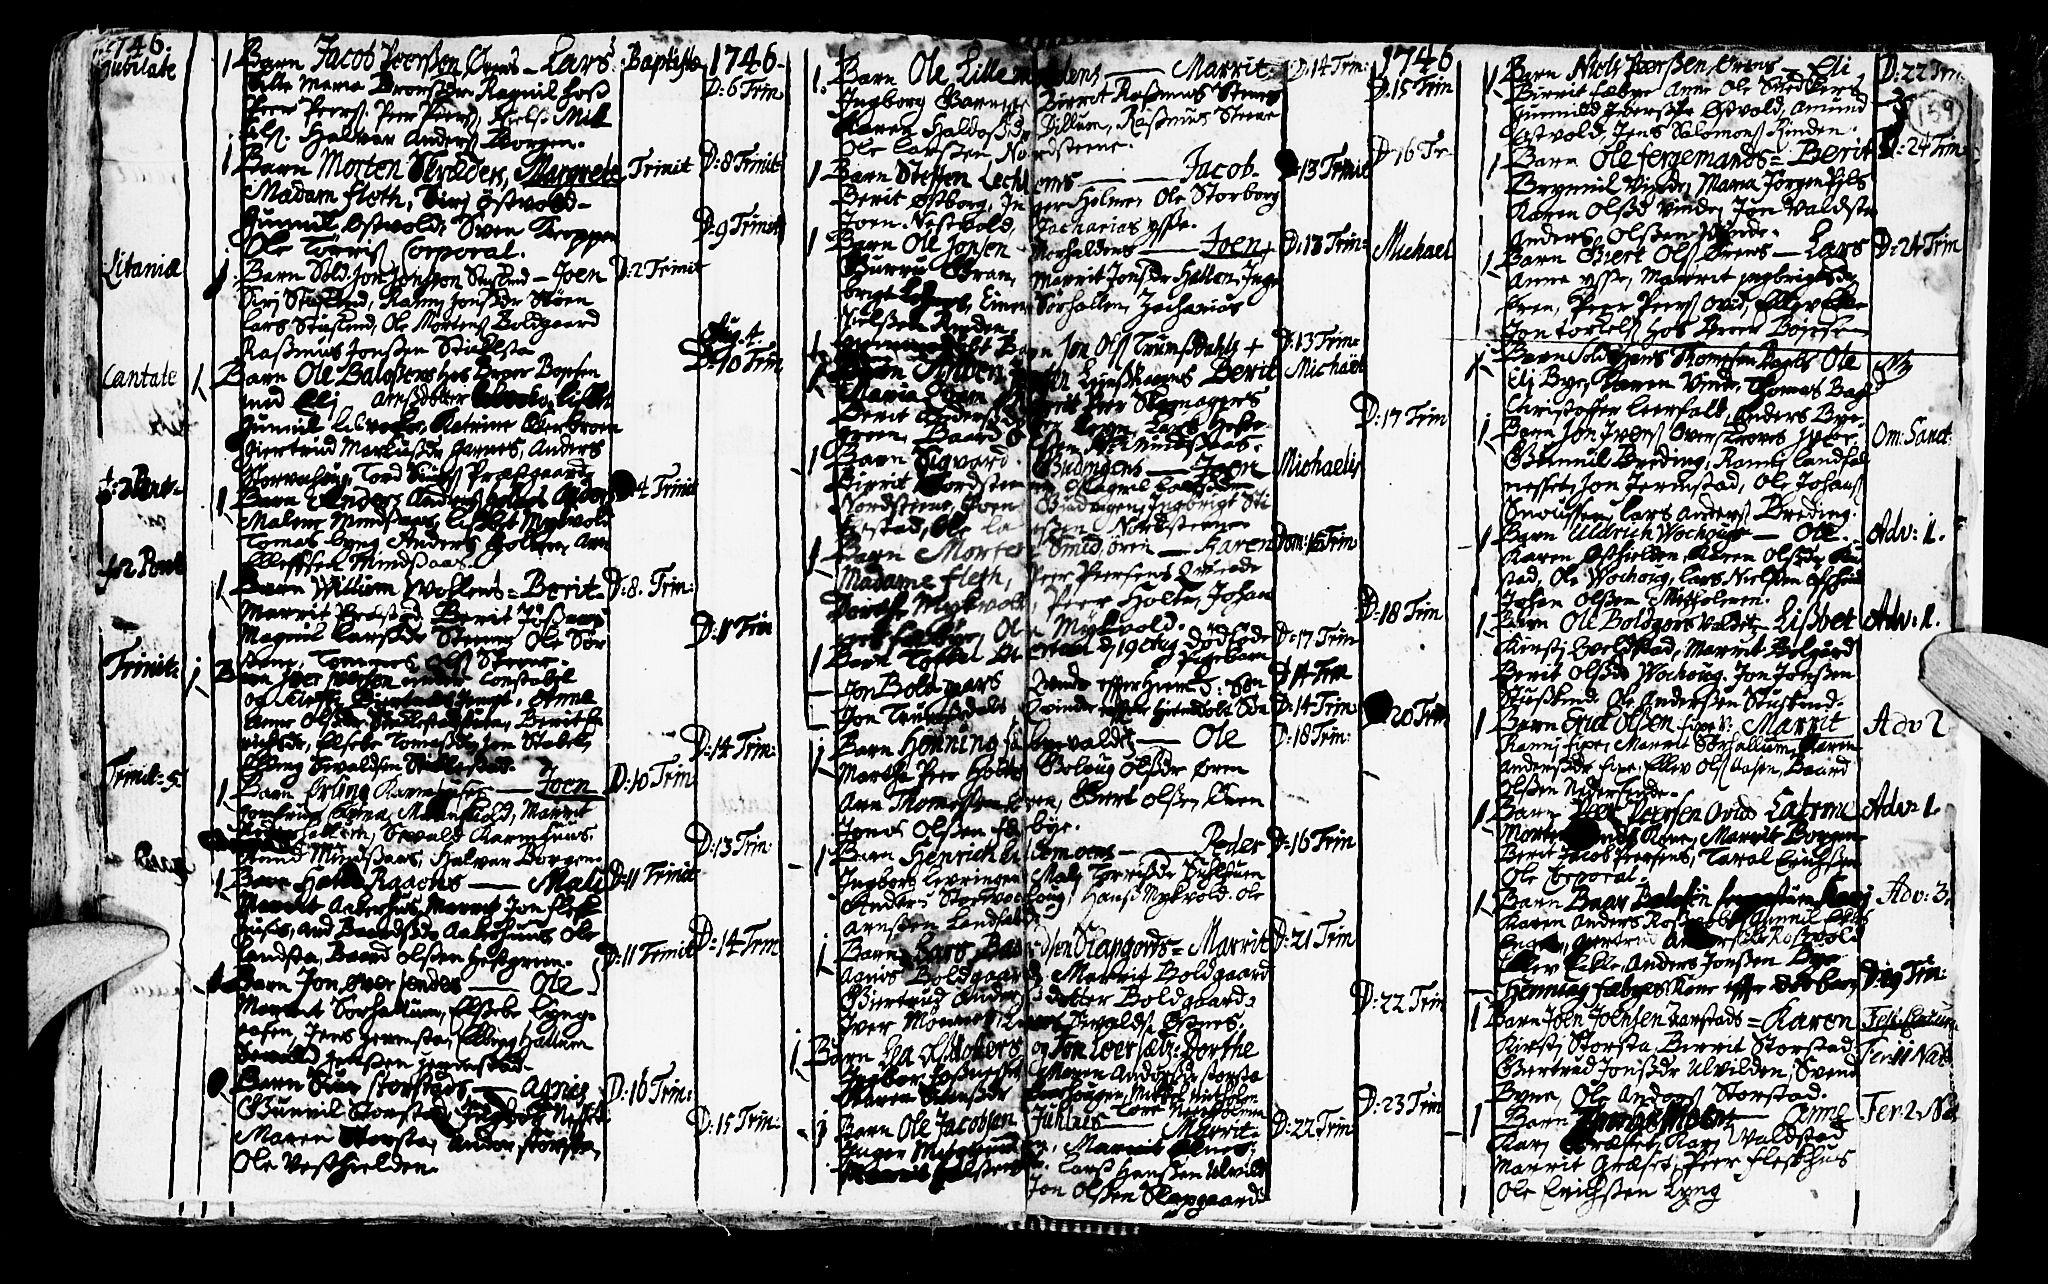 SAT, Ministerialprotokoller, klokkerbøker og fødselsregistre - Nord-Trøndelag, 723/L0230: Ministerialbok nr. 723A01, 1705-1747, s. 159